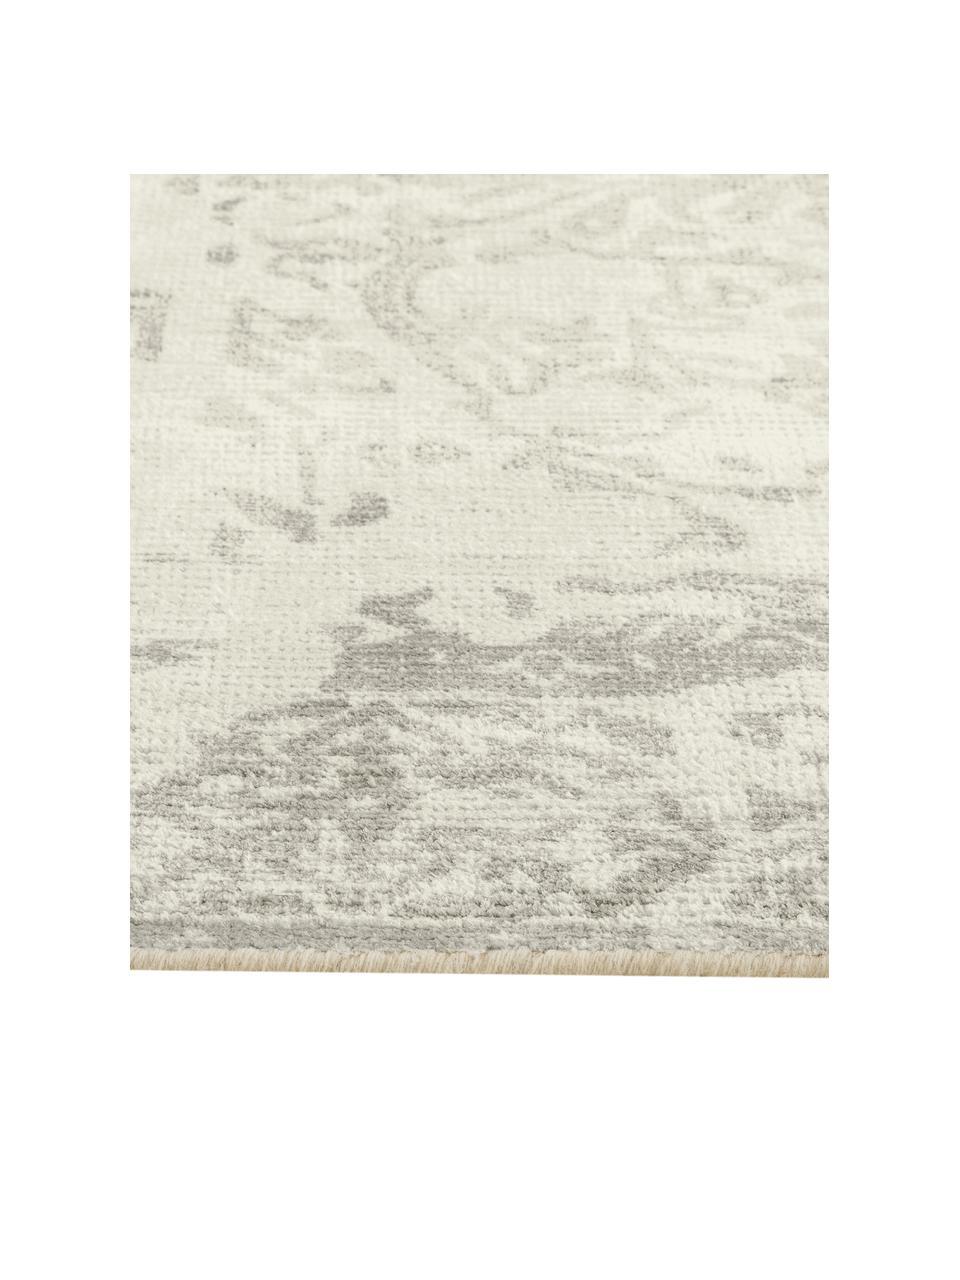 Vintage Teppich Florentine, Wolle/Viskose, 50% Wolle, 50% Viskose  Bei Wollteppichen können sich in den ersten Wochen der Nutzung Fasern lösen, dies reduziert sich durch den täglichen Gebrauch und die Flusenbildung geht zurück., Beige, Hellgrau, B 140 x L 200 cm (Größe S)